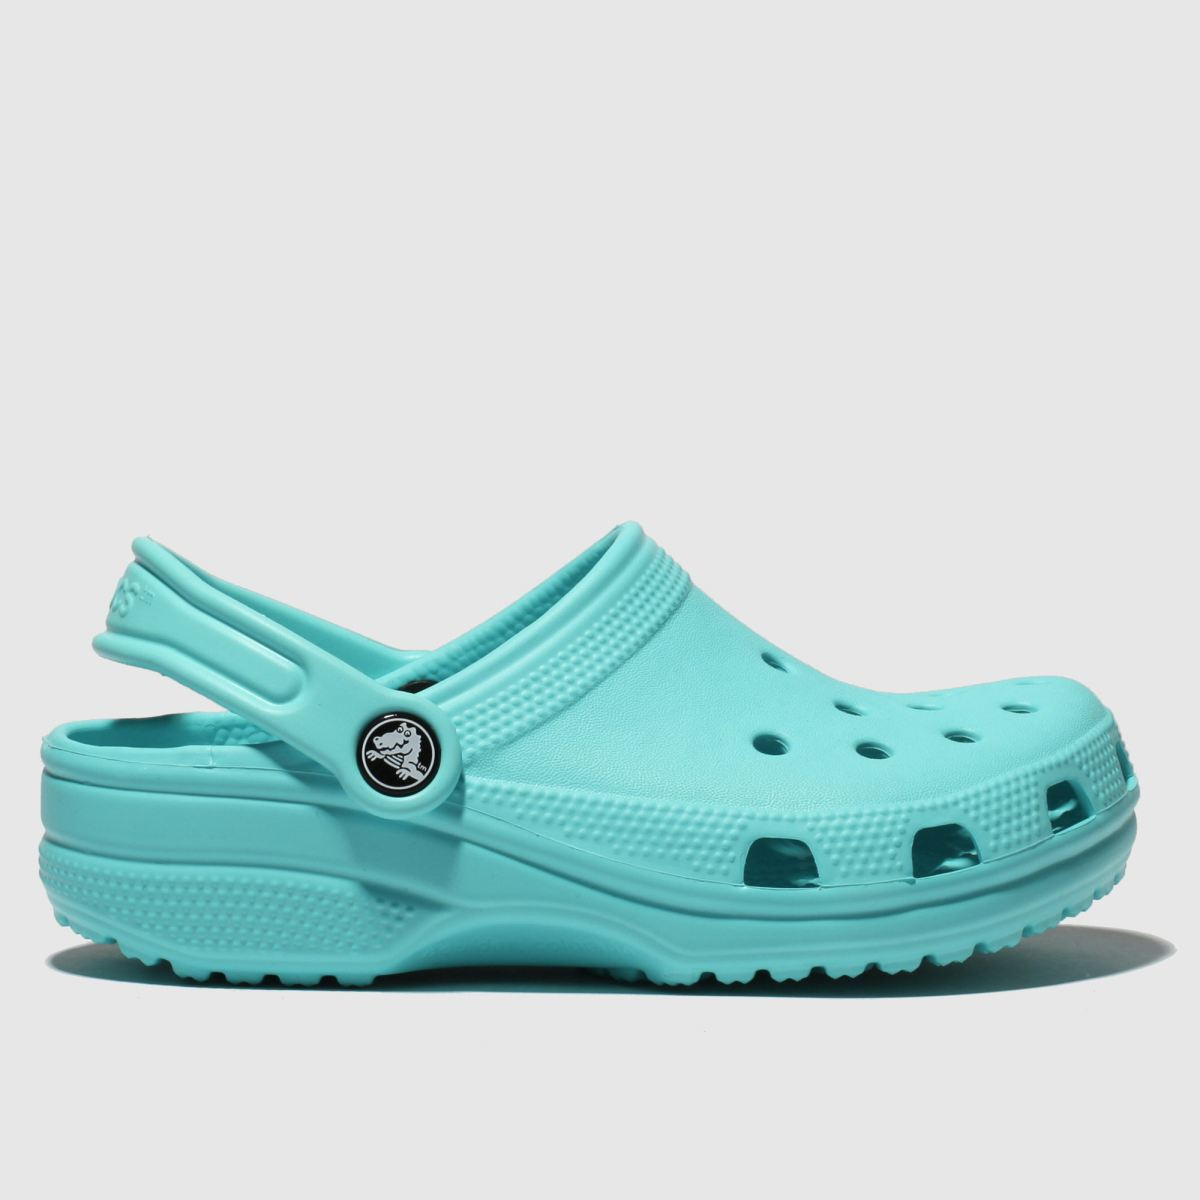 Crocs Turquoise Classic Clog Sandals Junior